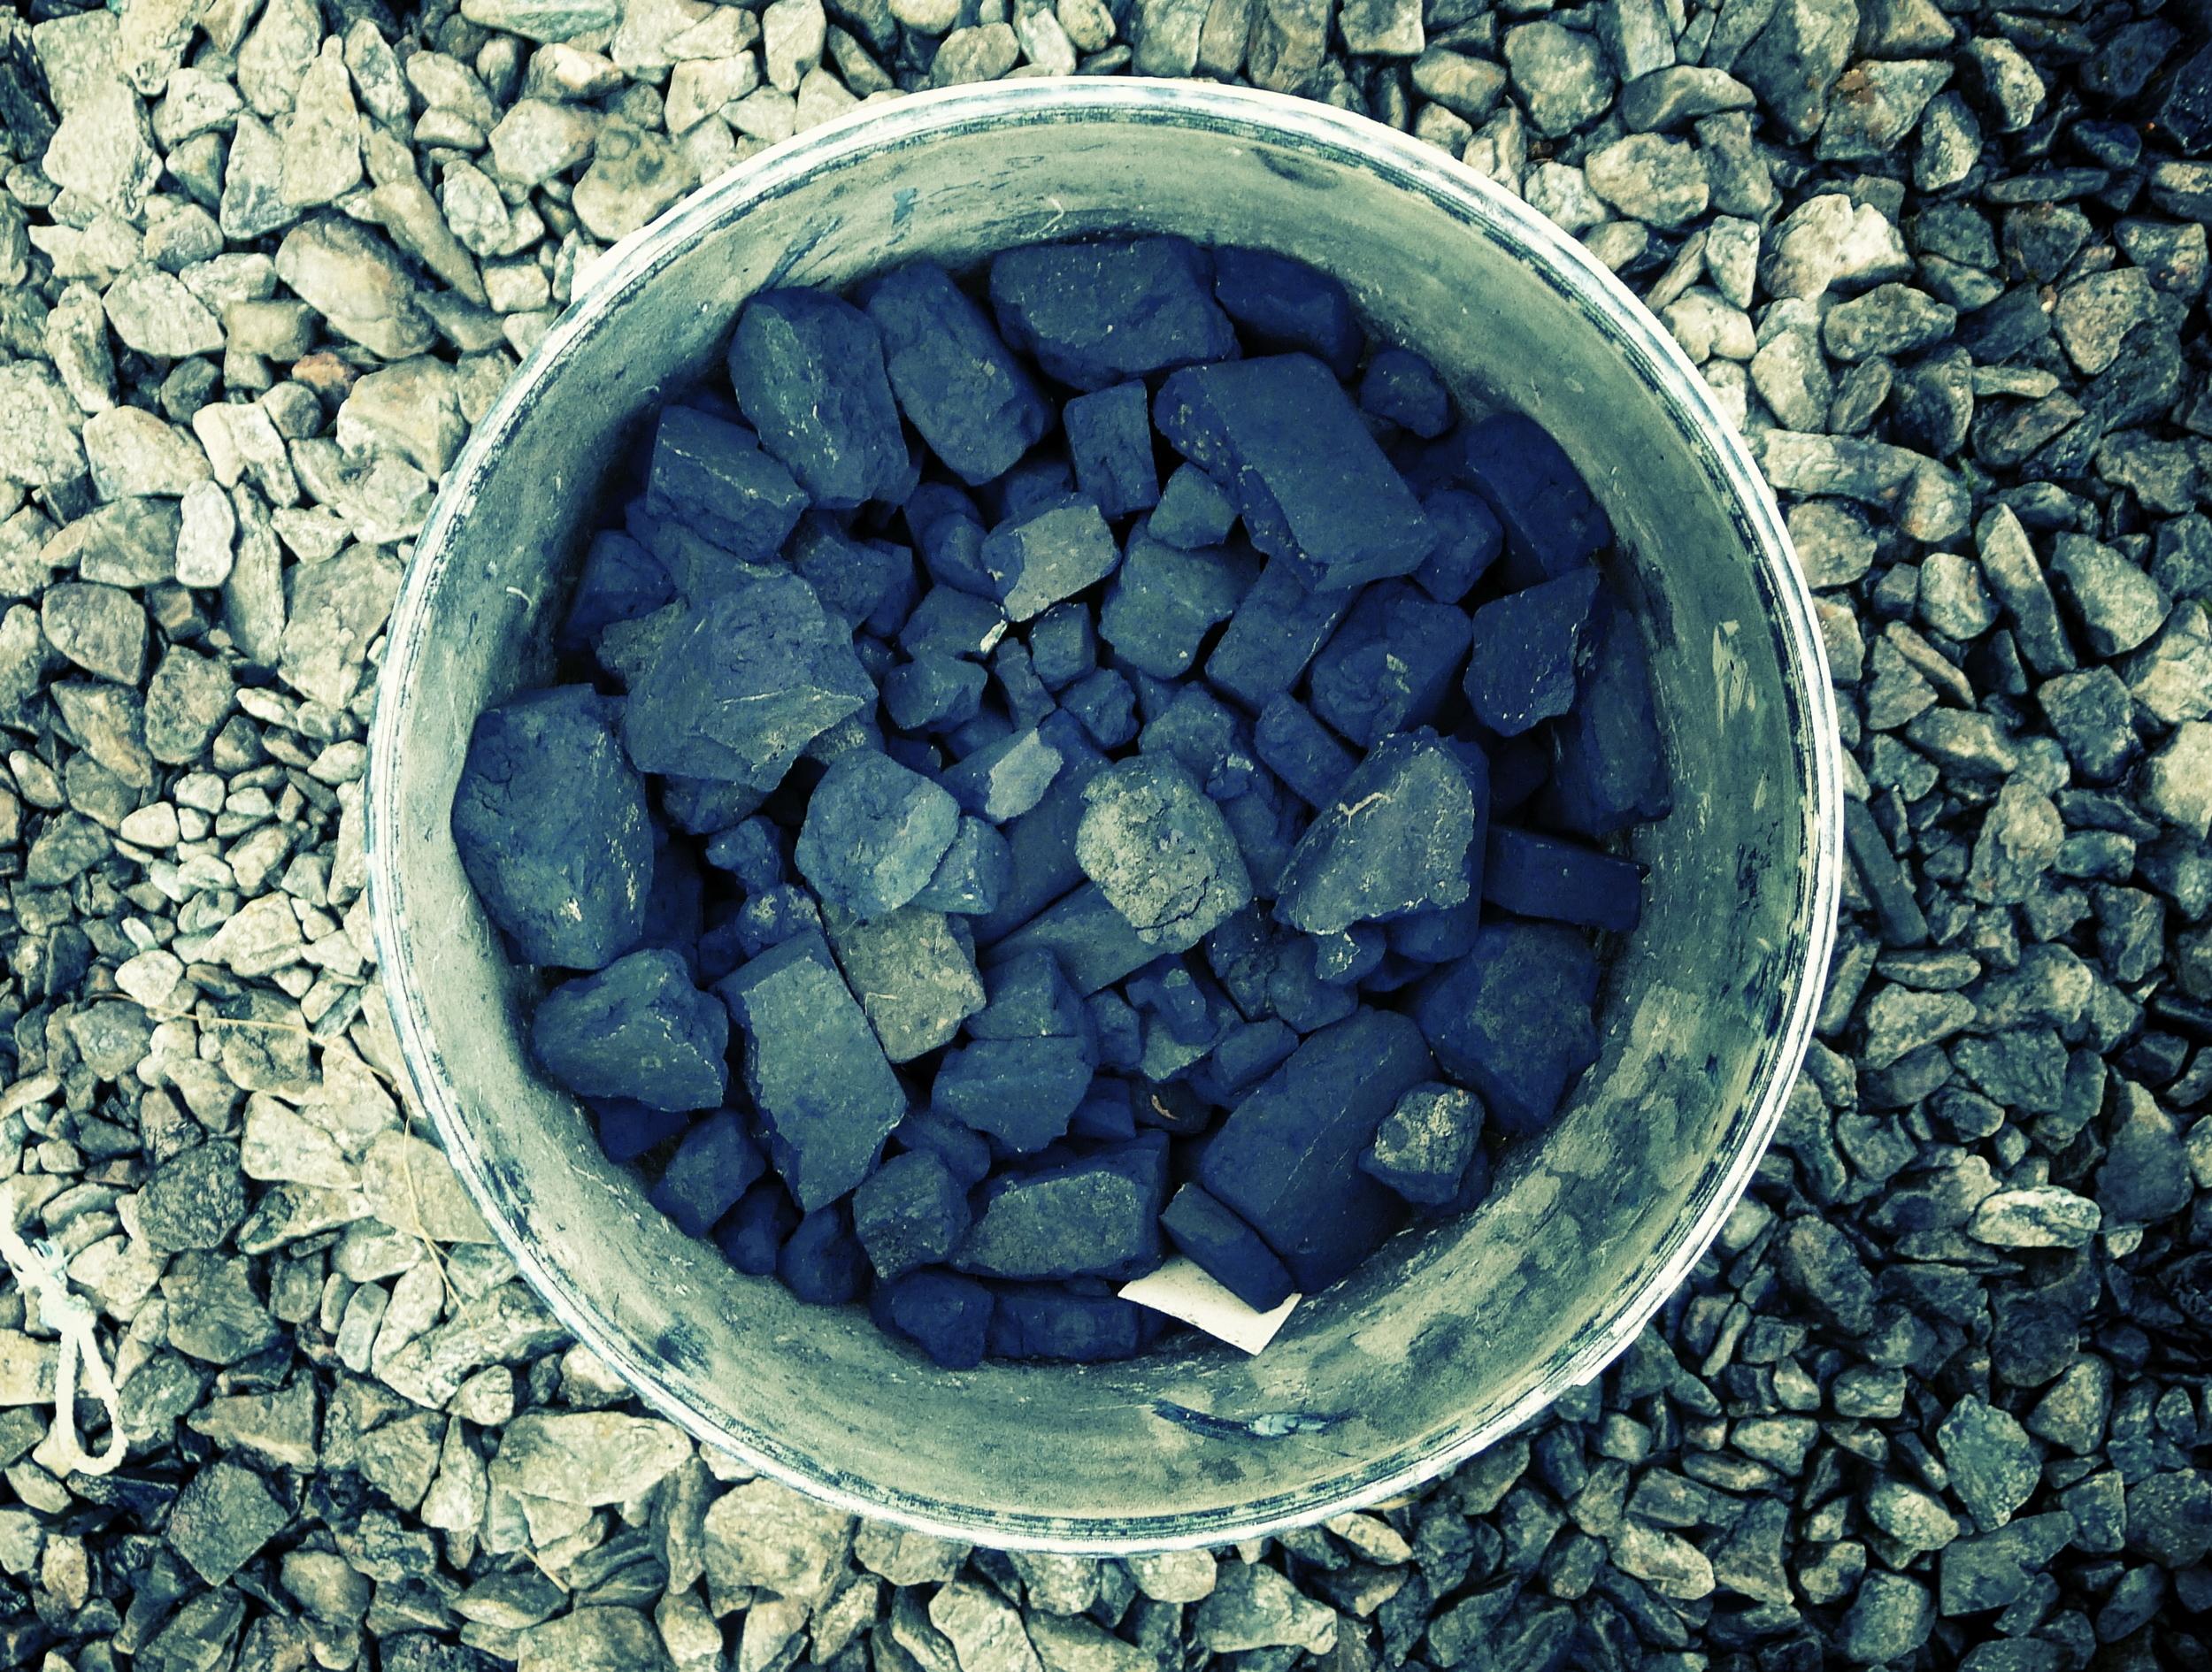 Natural Indigo rocks from Bangladesh